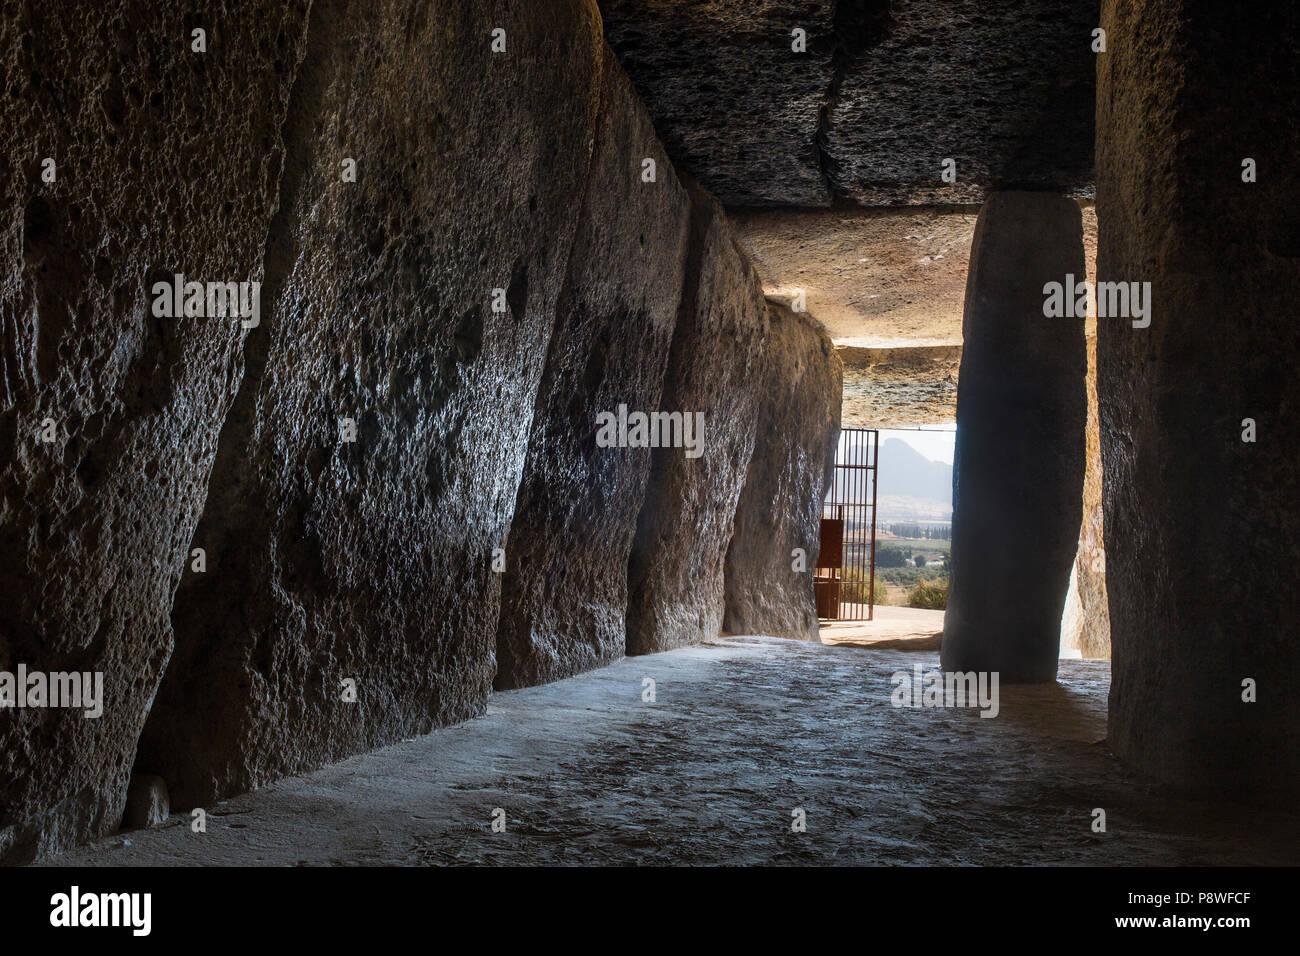 Antequera, Spagna - Luglio 10th, 2018: Dolmen di Menga, Antequera. La camera interna che puntano a Peña de los Enamorados mountain Immagini Stock